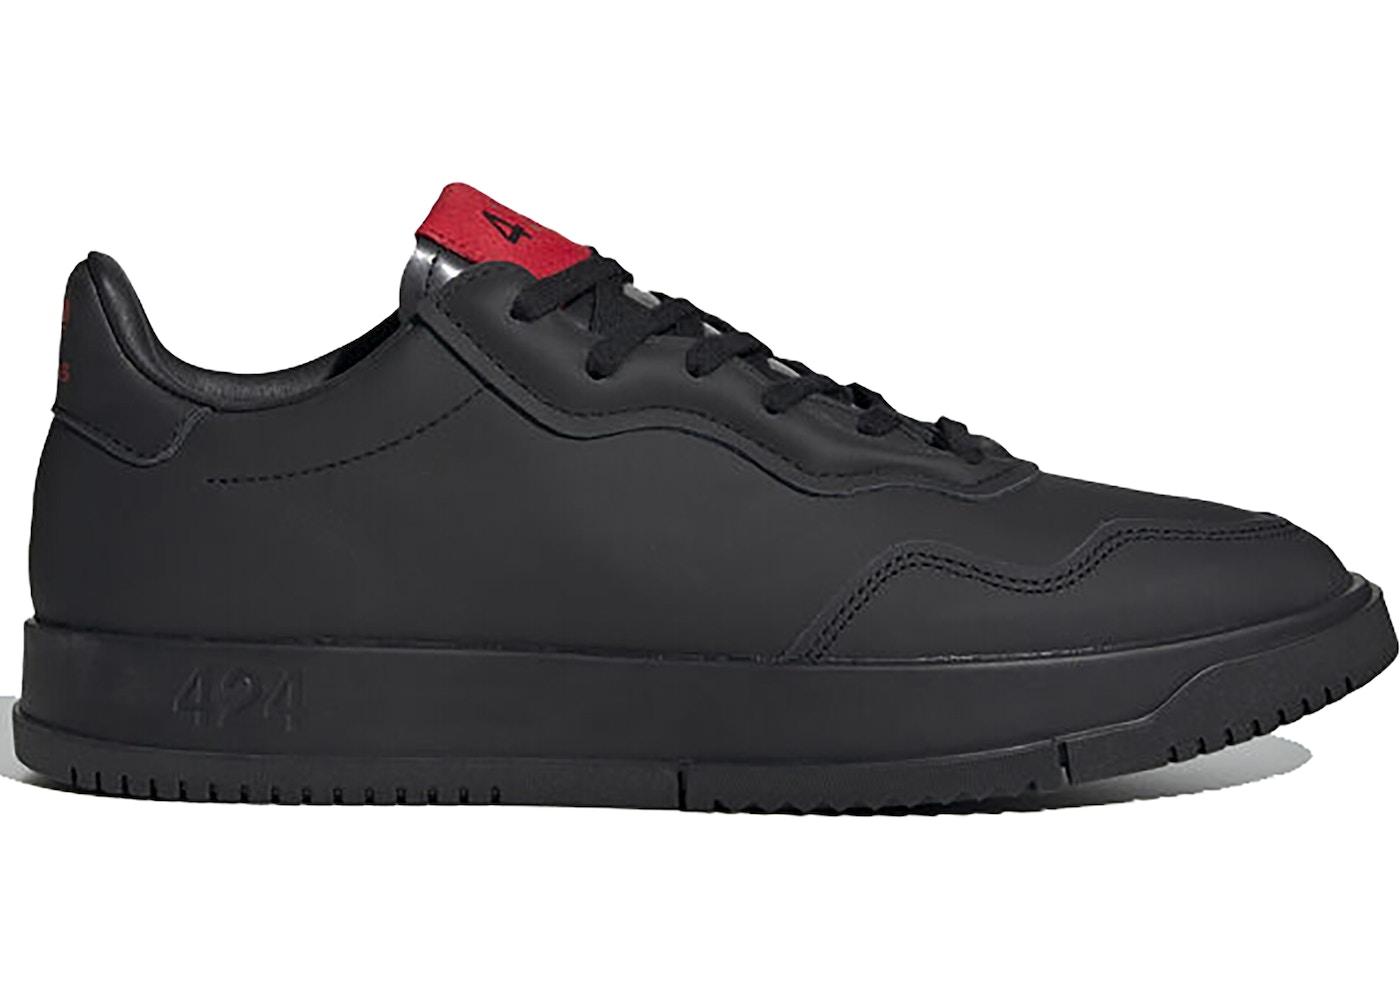 Date Release Date Schuhe Schuhe Release adidas Schuhe Date Schuhe adidas Release adidas adidas BrWdoxeC